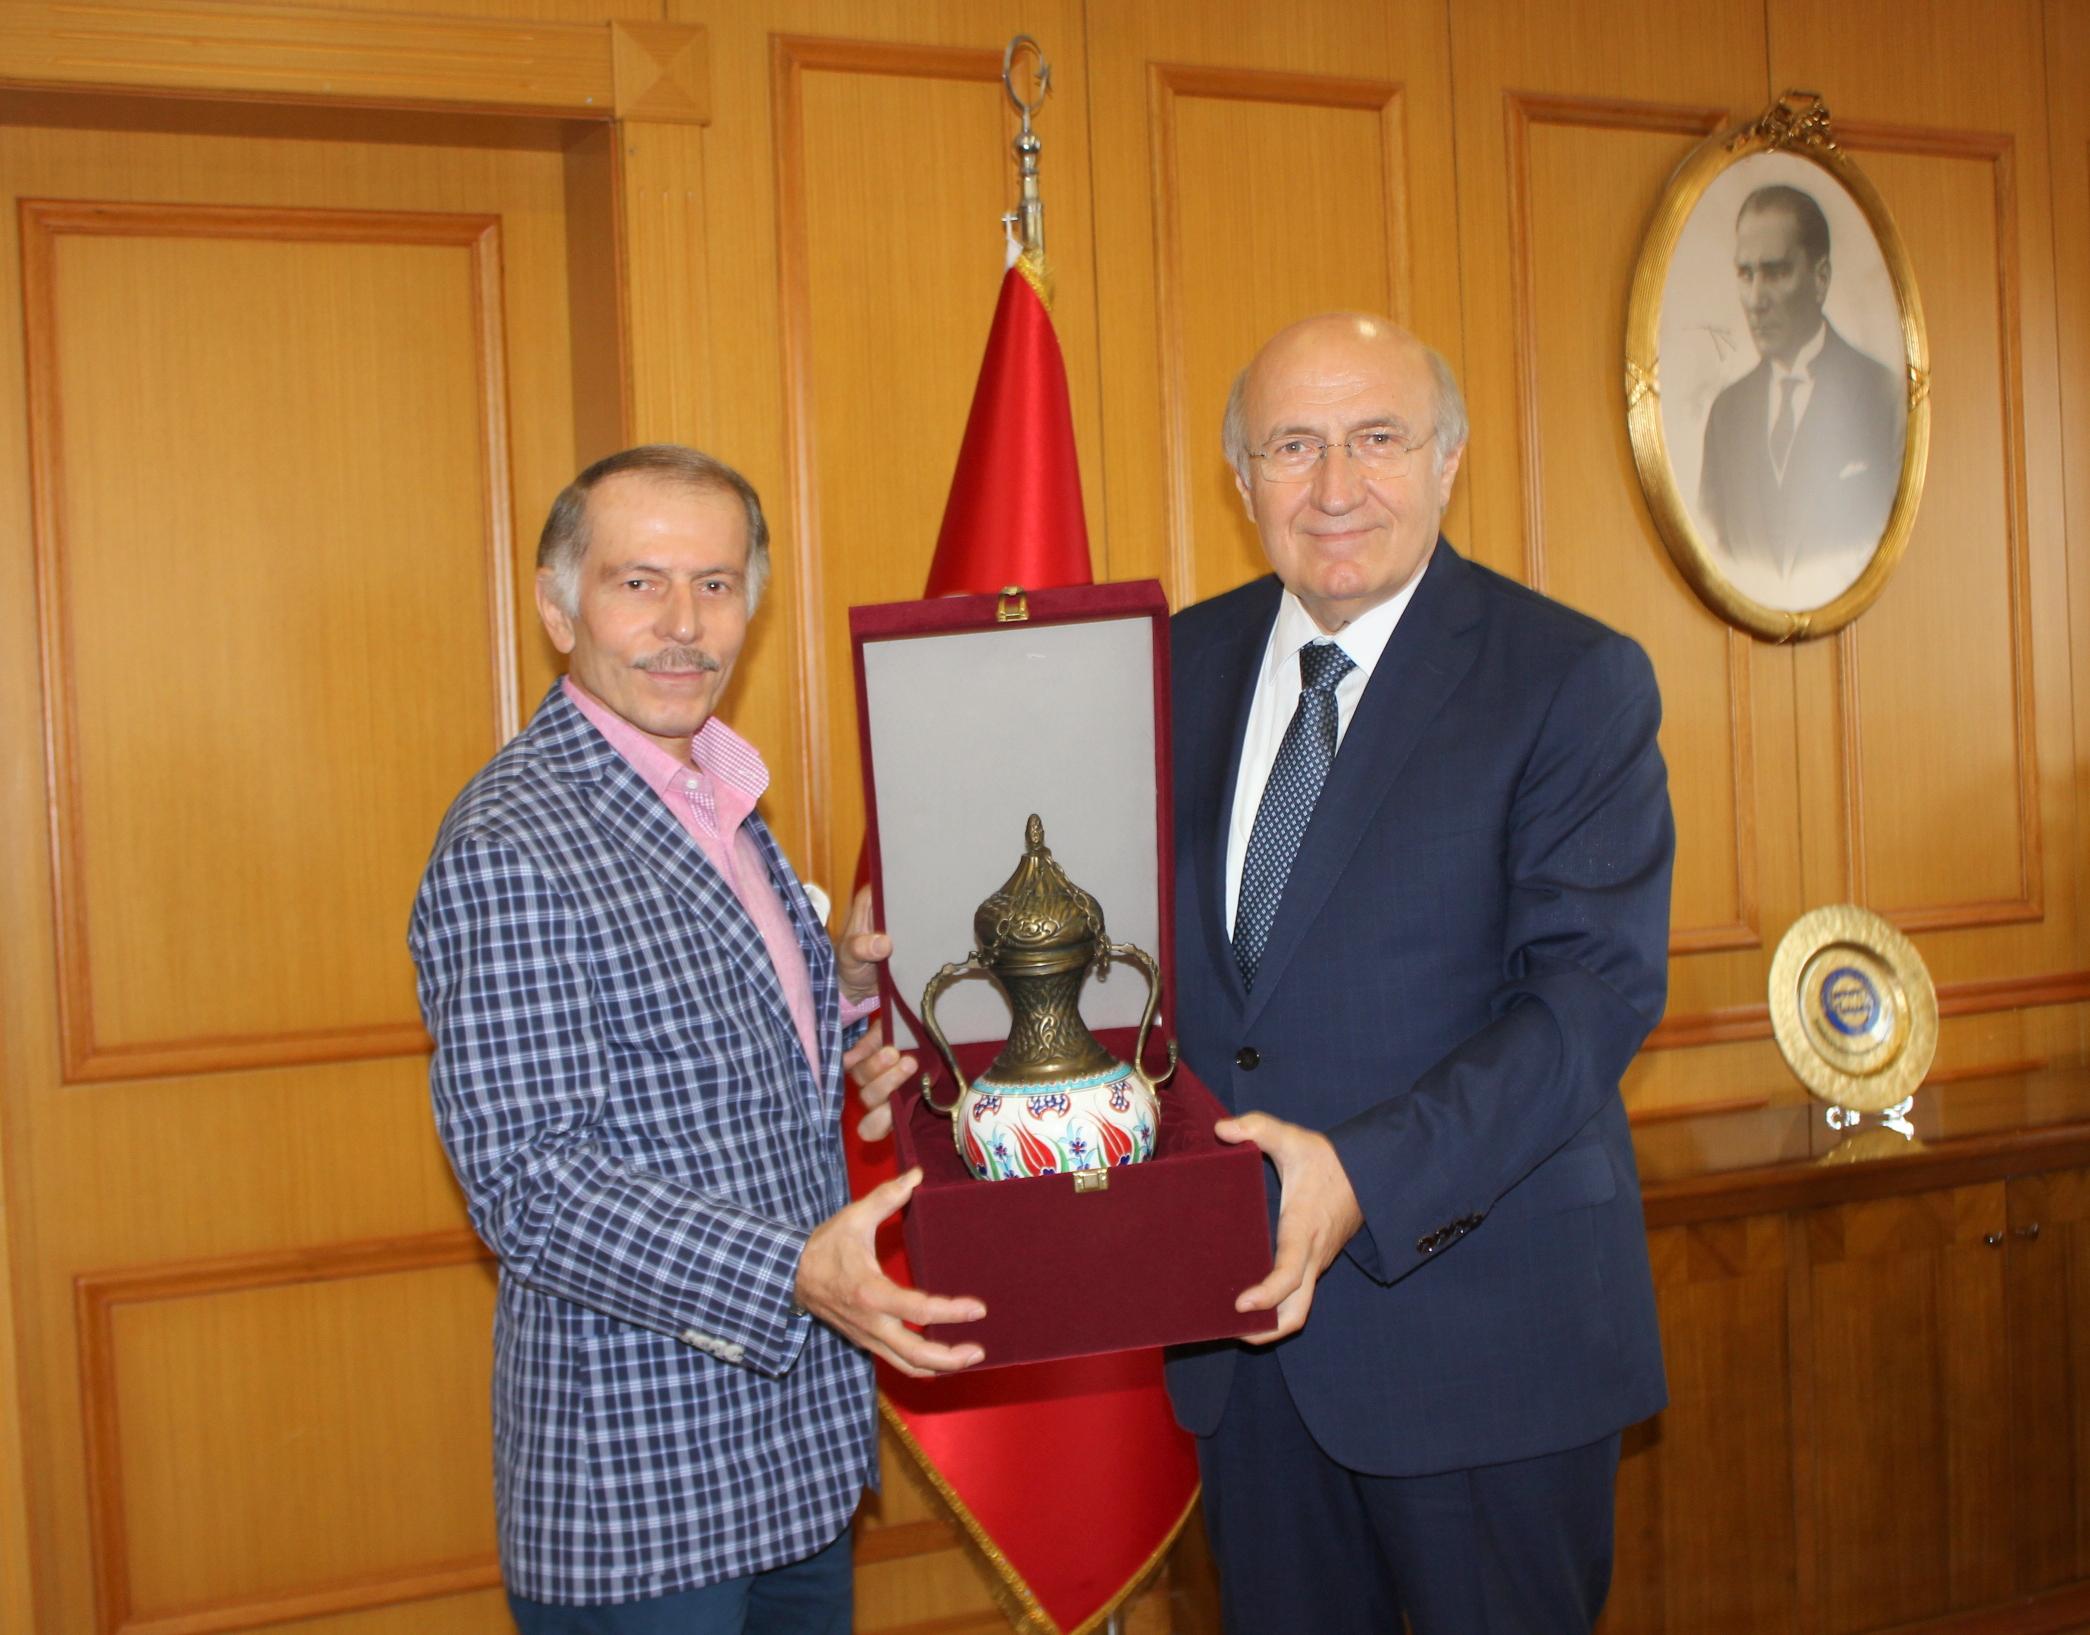 Bayrampaşa  Belediyesi Belediye Başkanı Sayın Atila AYDINER'in Rektörümüz Prof.Dr.M.Emin ARAT'ı Tebrik Ziyareti